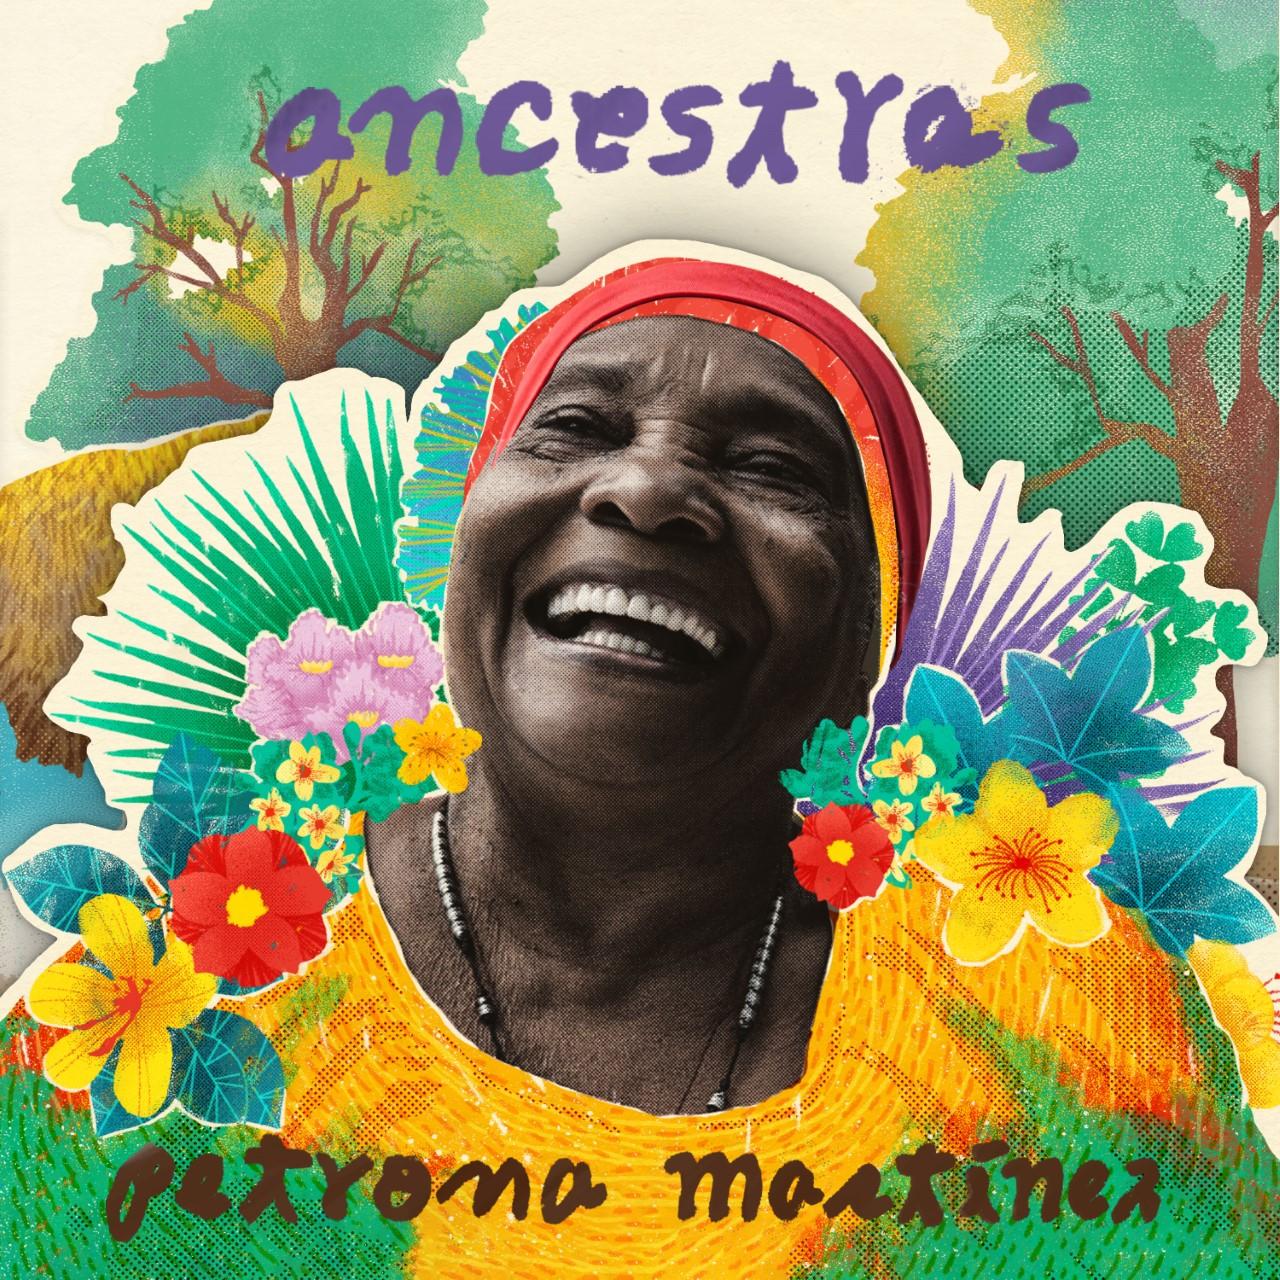 PETRONA MARTÍNEZ reúne leyendas y presenta su nuevo álbum ANCESTRAS